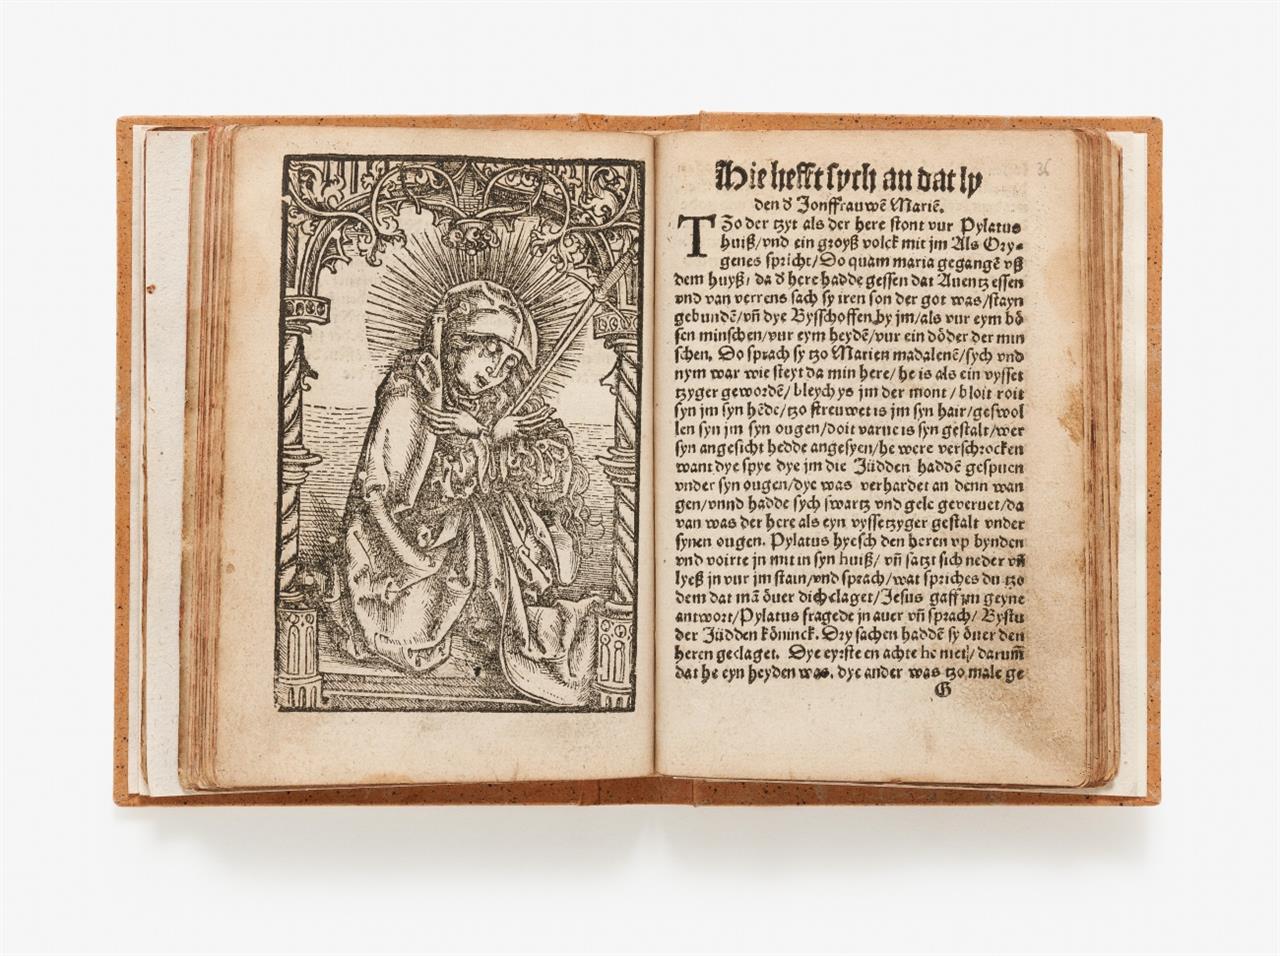 Sammelband mit ripuar. Druck u. Handschriften. - Dye Passye vns heren Jesu Christi ... [Köln, Arndt od. Joh. von Aich] 1530 (unvollst.). - Vorgeb.: Kalender- u. Rosenkranz-Handschrift.